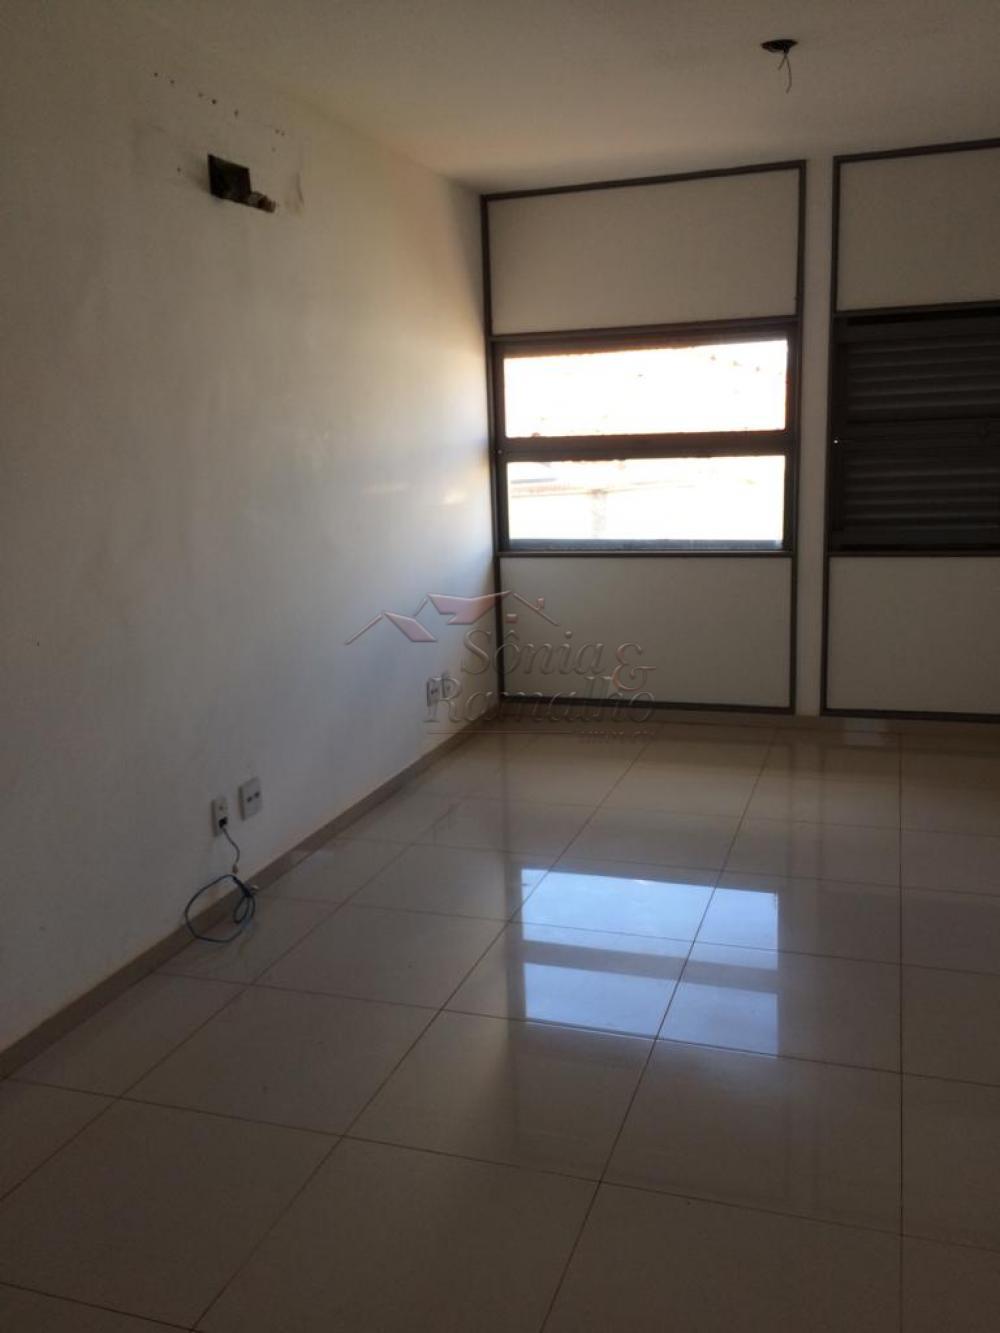 Alugar Comercial / Imóvel Comercial em Ribeirão Preto apenas R$ 9.000,00 - Foto 5